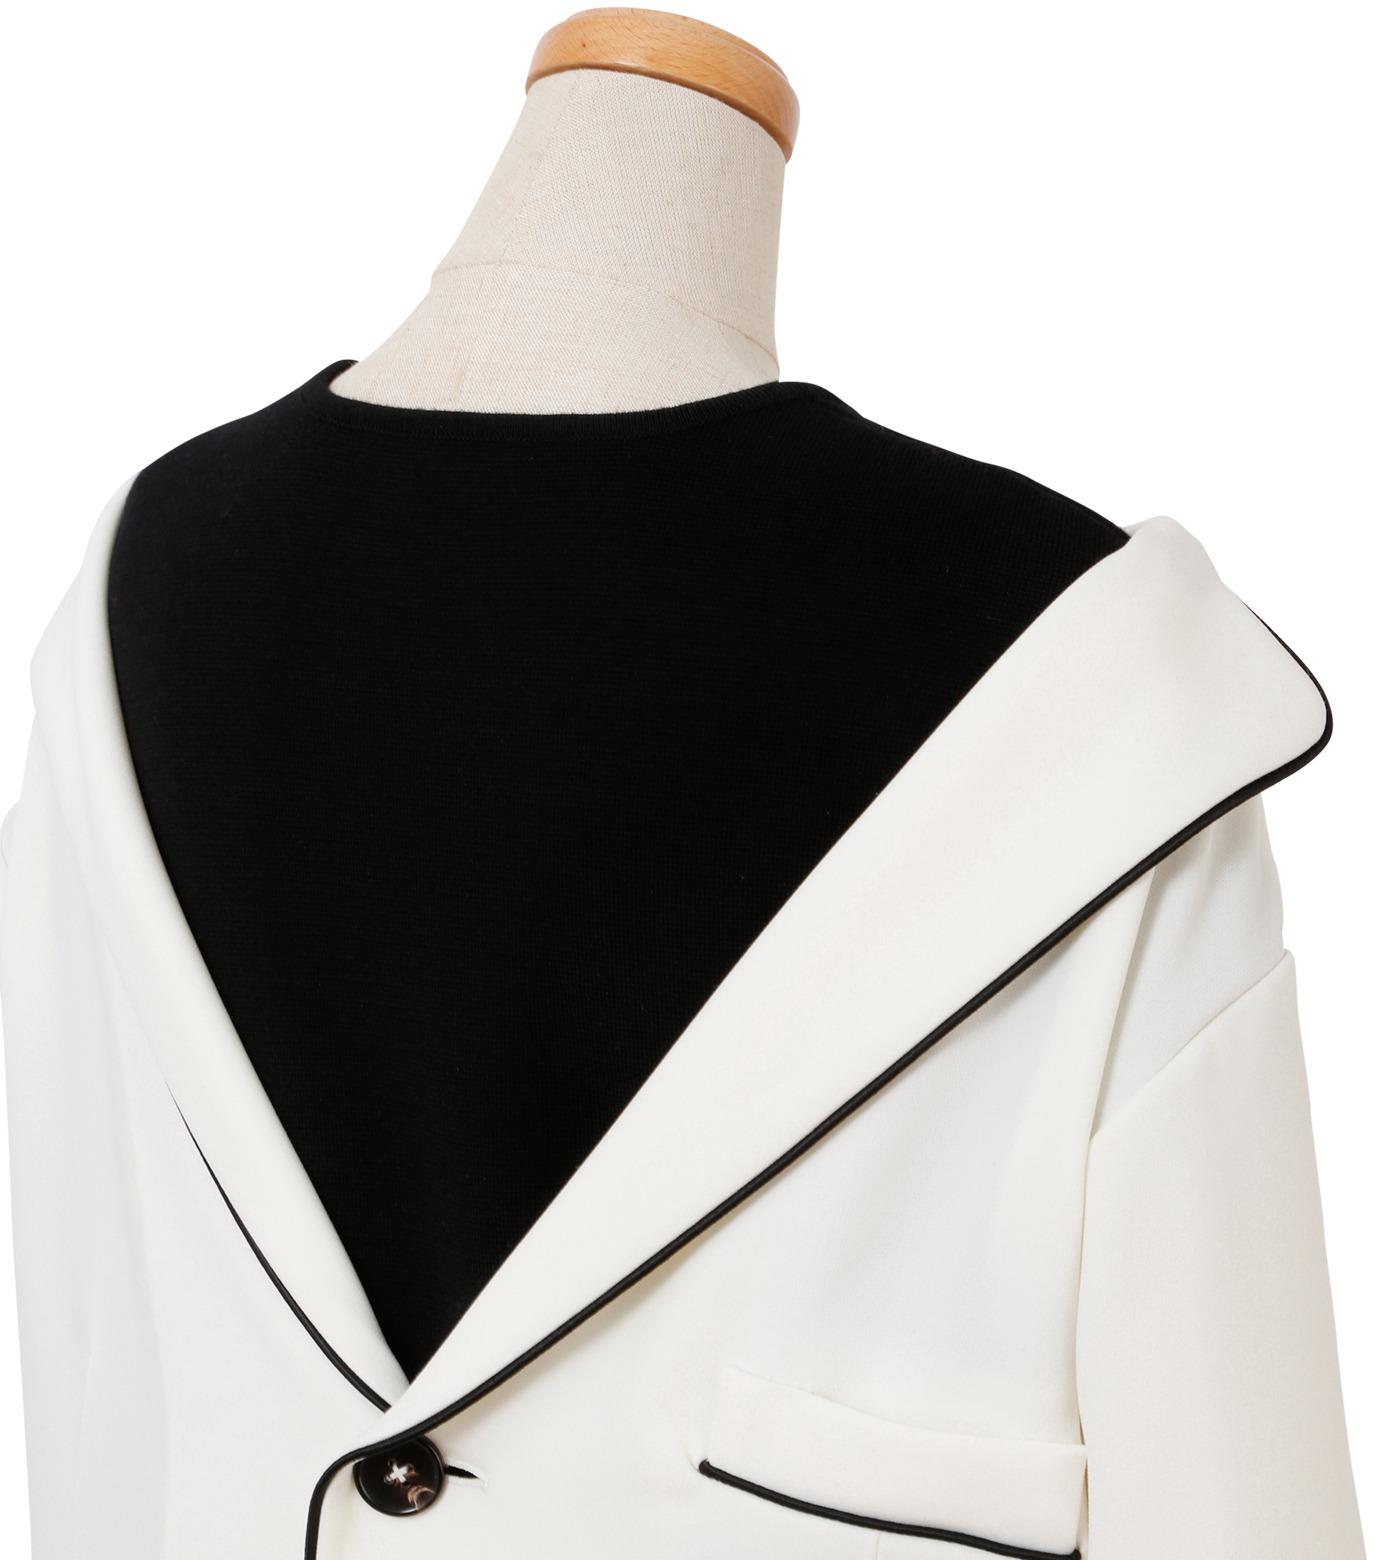 IRENE(アイレネ)のリバーサルスーツトップス-WHITE(シャツ/shirt)-18A83006 拡大詳細画像4